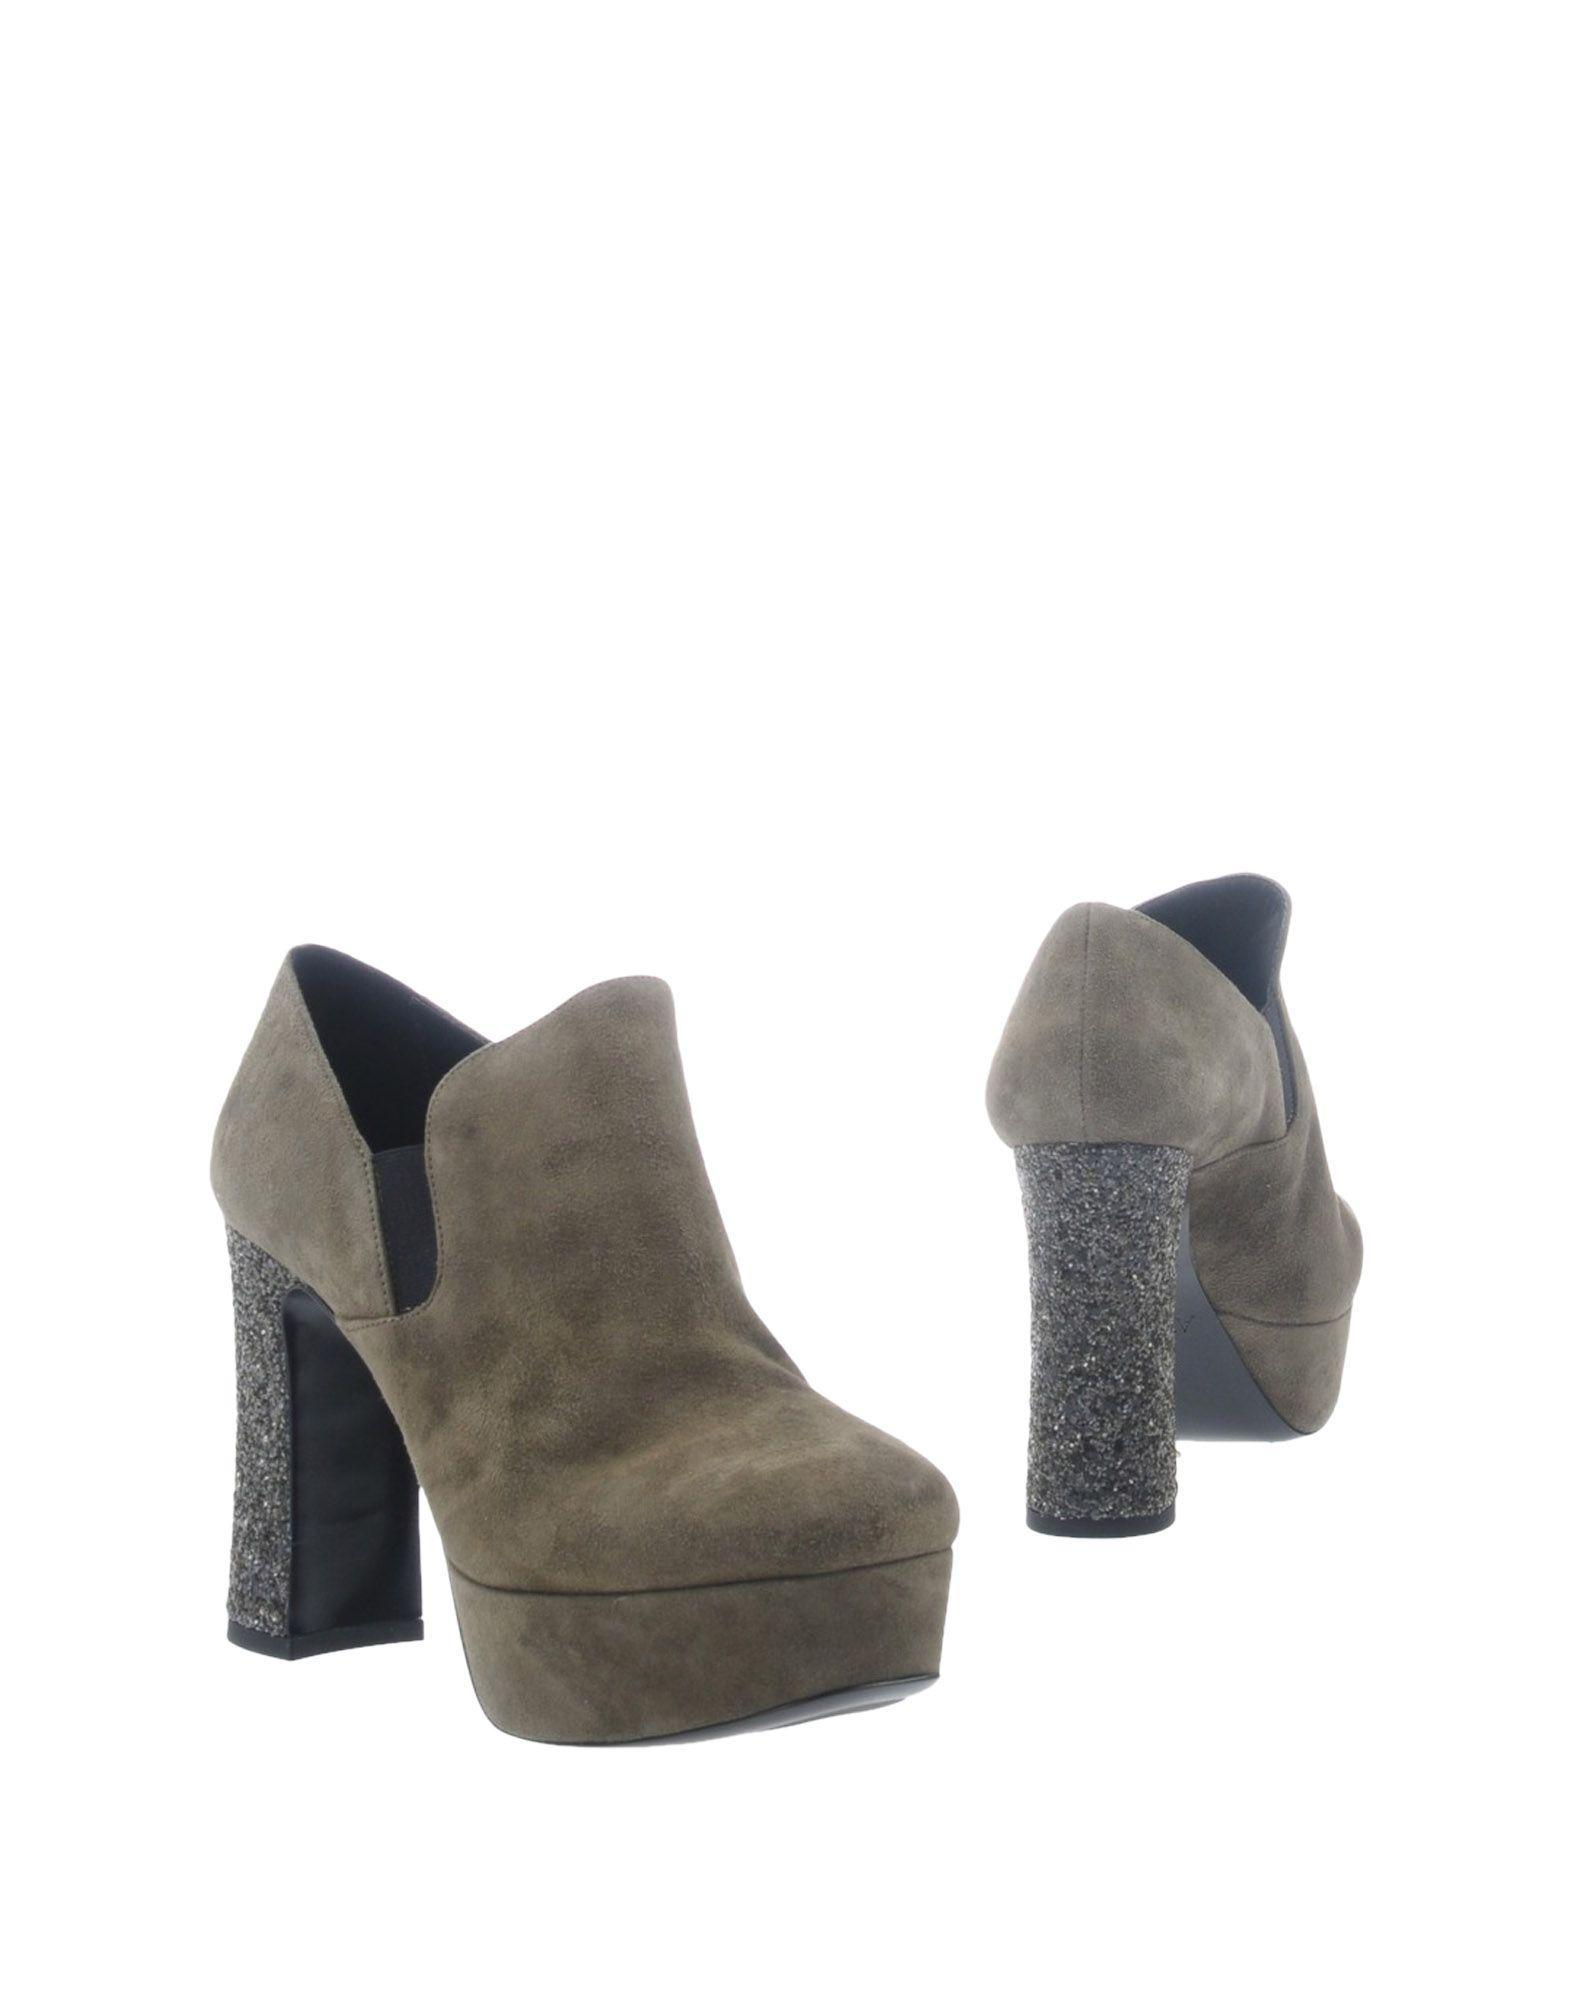 Alberto Gozzi Stiefelette Damen  11304889MM Gute Qualität beliebte Schuhe